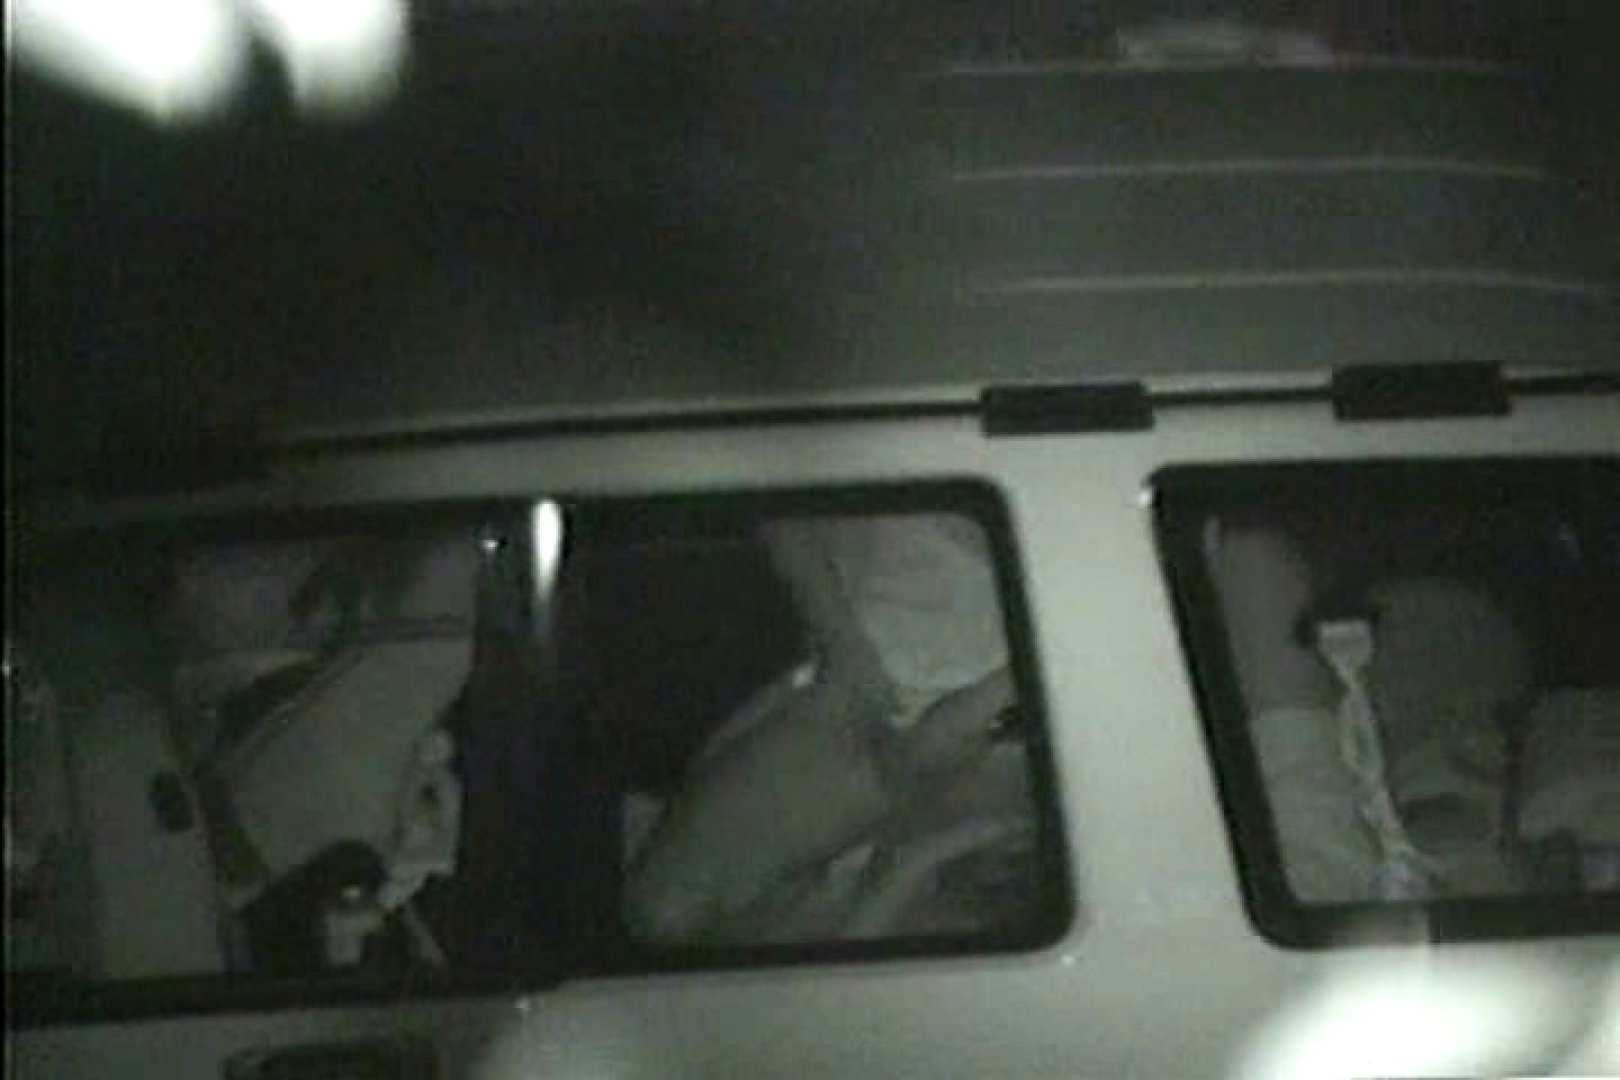 車の中はラブホテル 無修正版  Vol.10 カーセックス AV動画キャプチャ 87pic 15